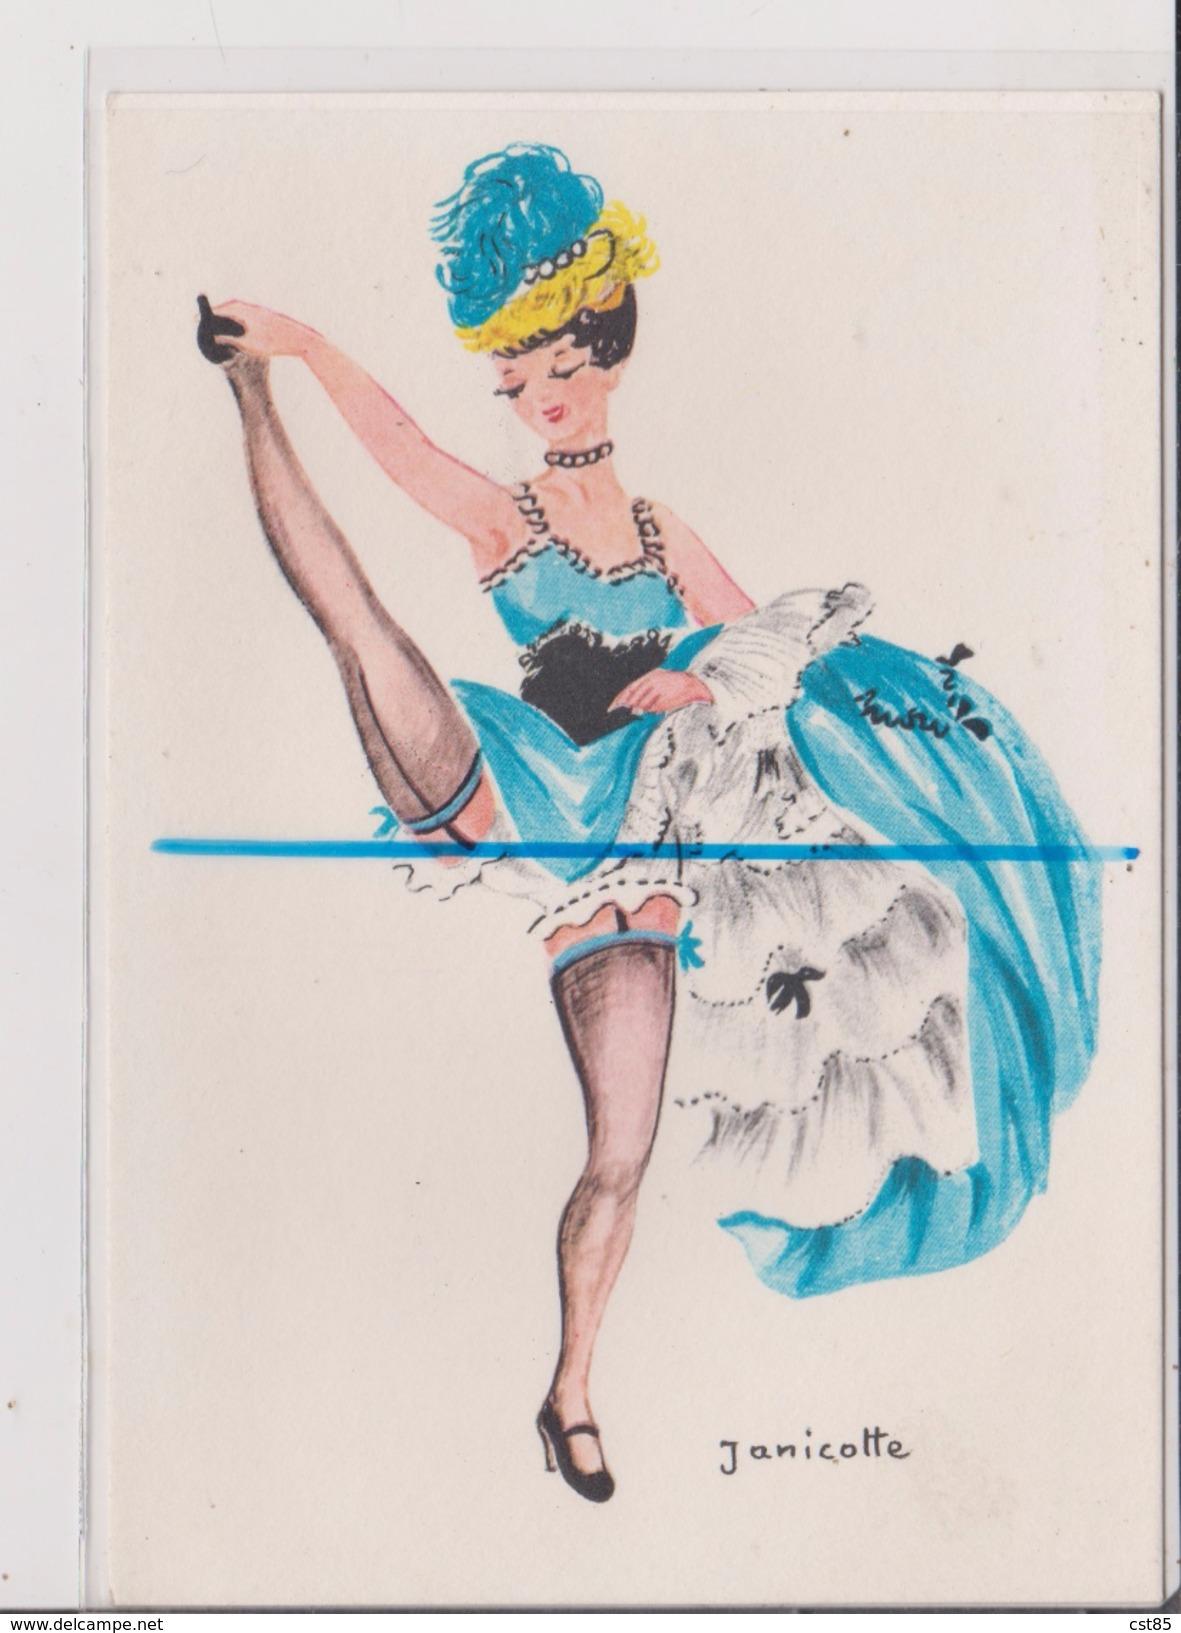 Carte Postale - Illustration - JANICOTTE - Danseuse - Illustrateurs & Photographes